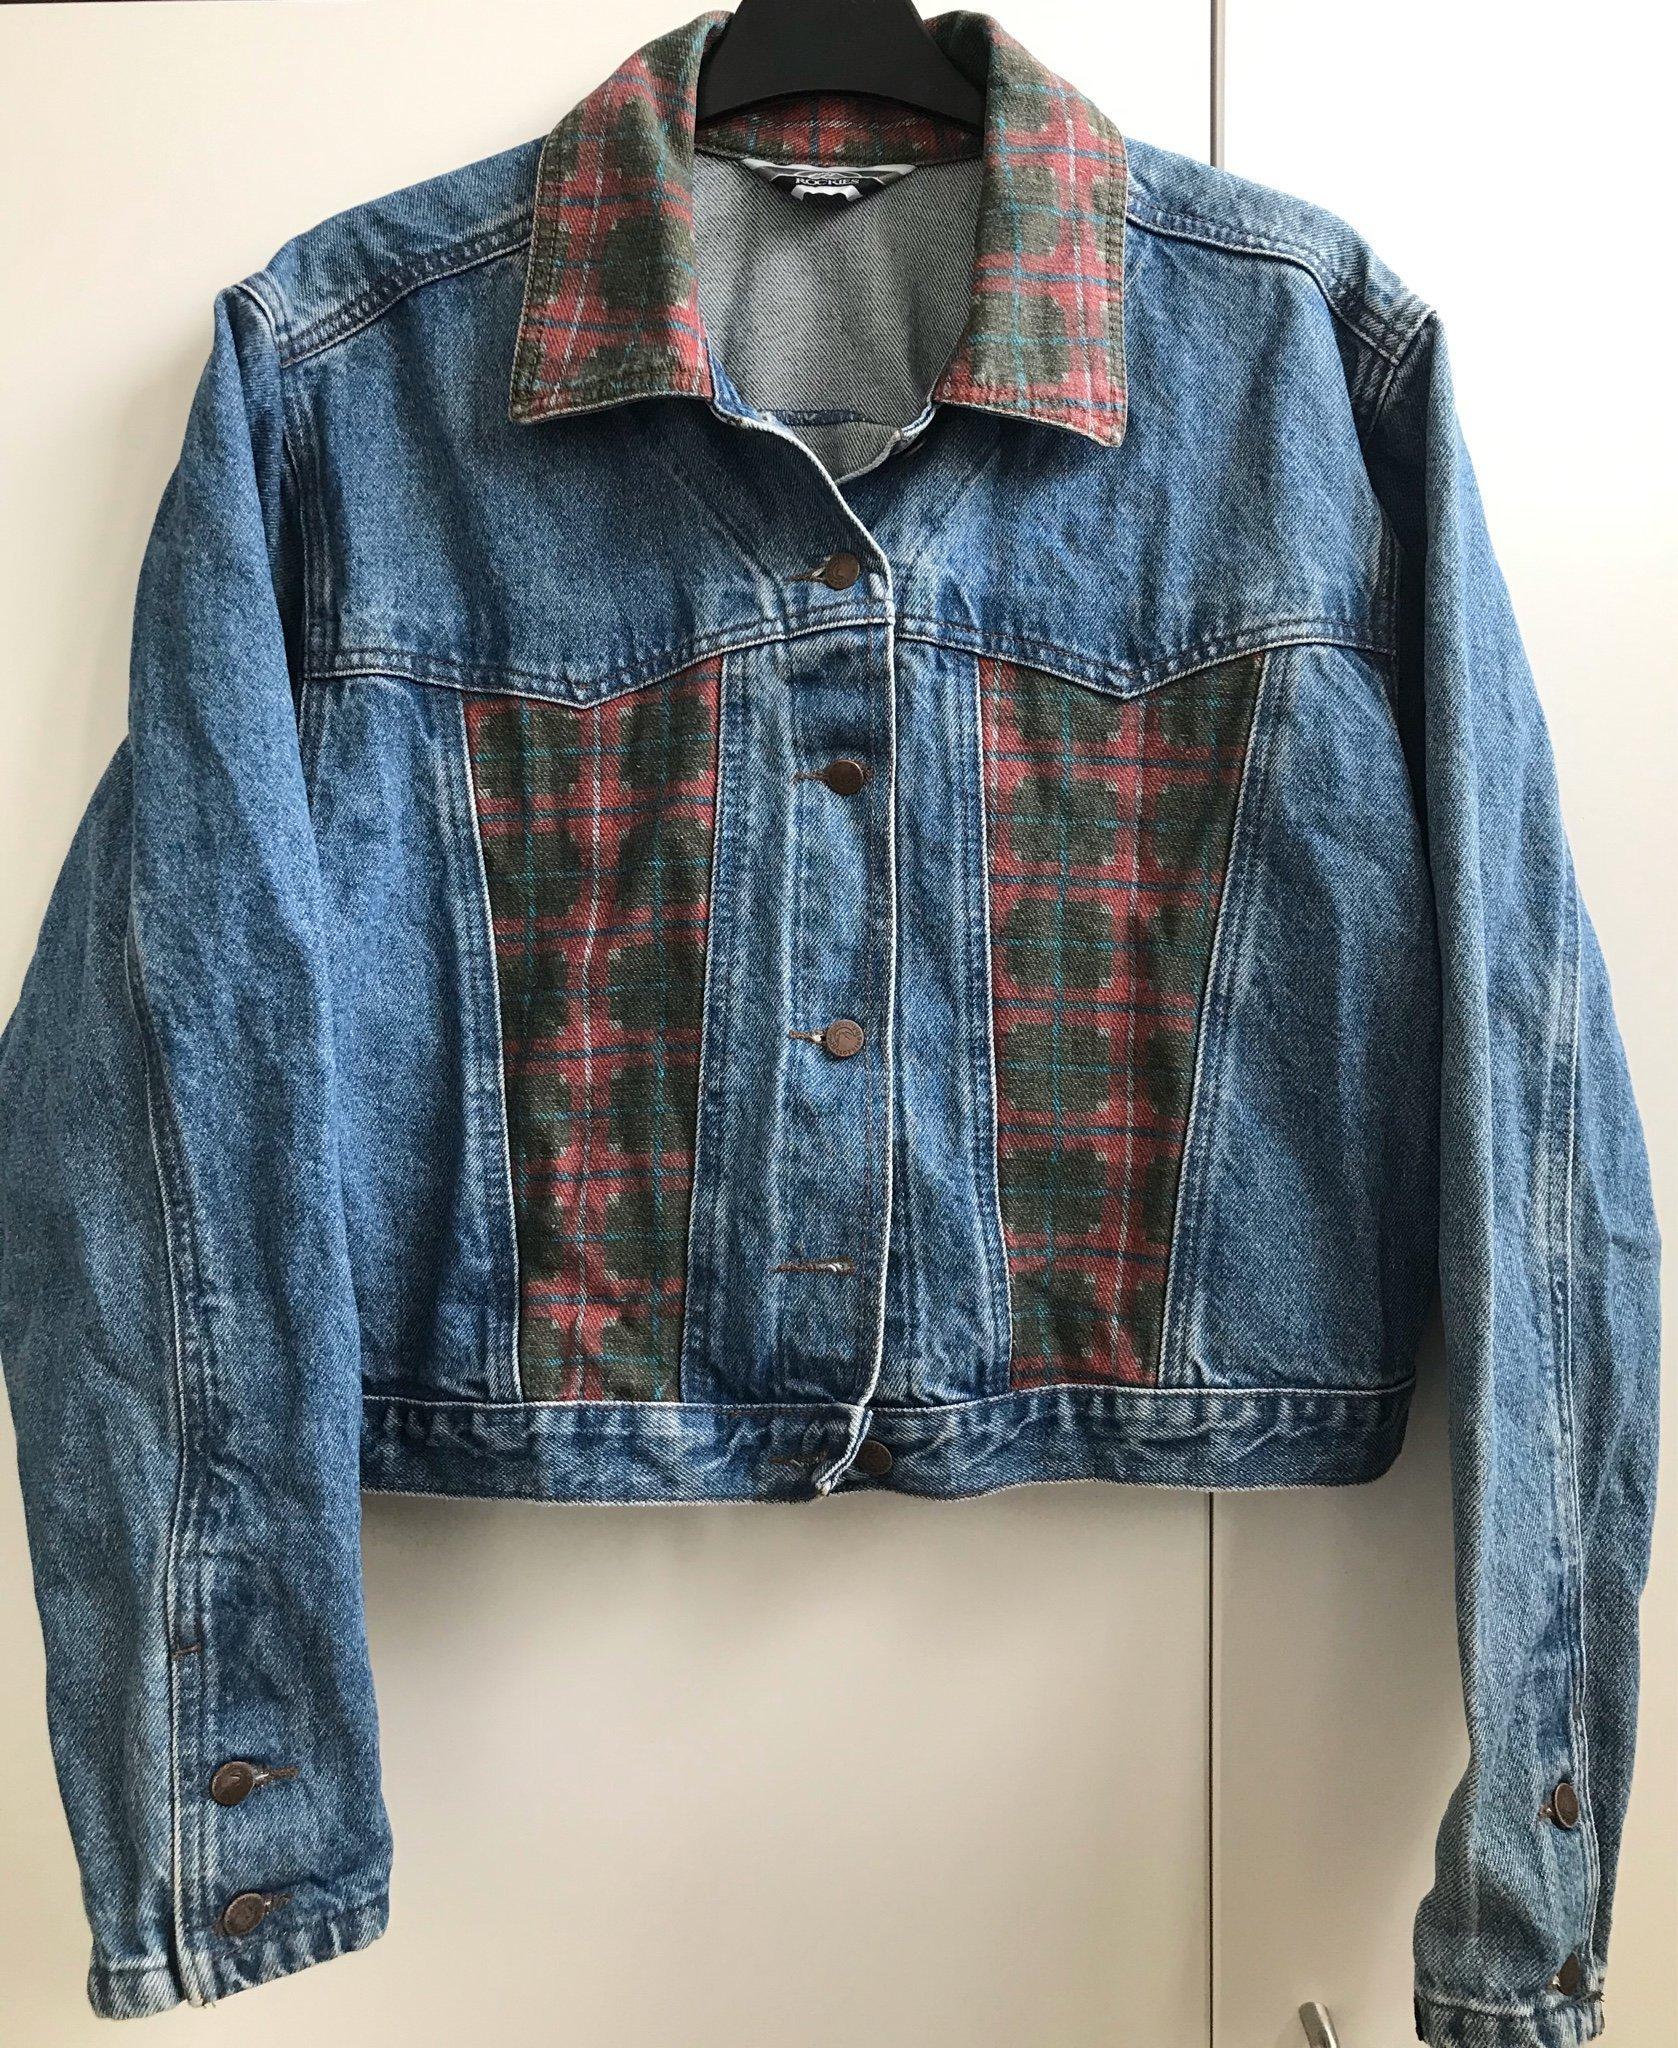 Vintage jeansjacka 80s Rockies (398705978) ᐈ Köp på Tradera